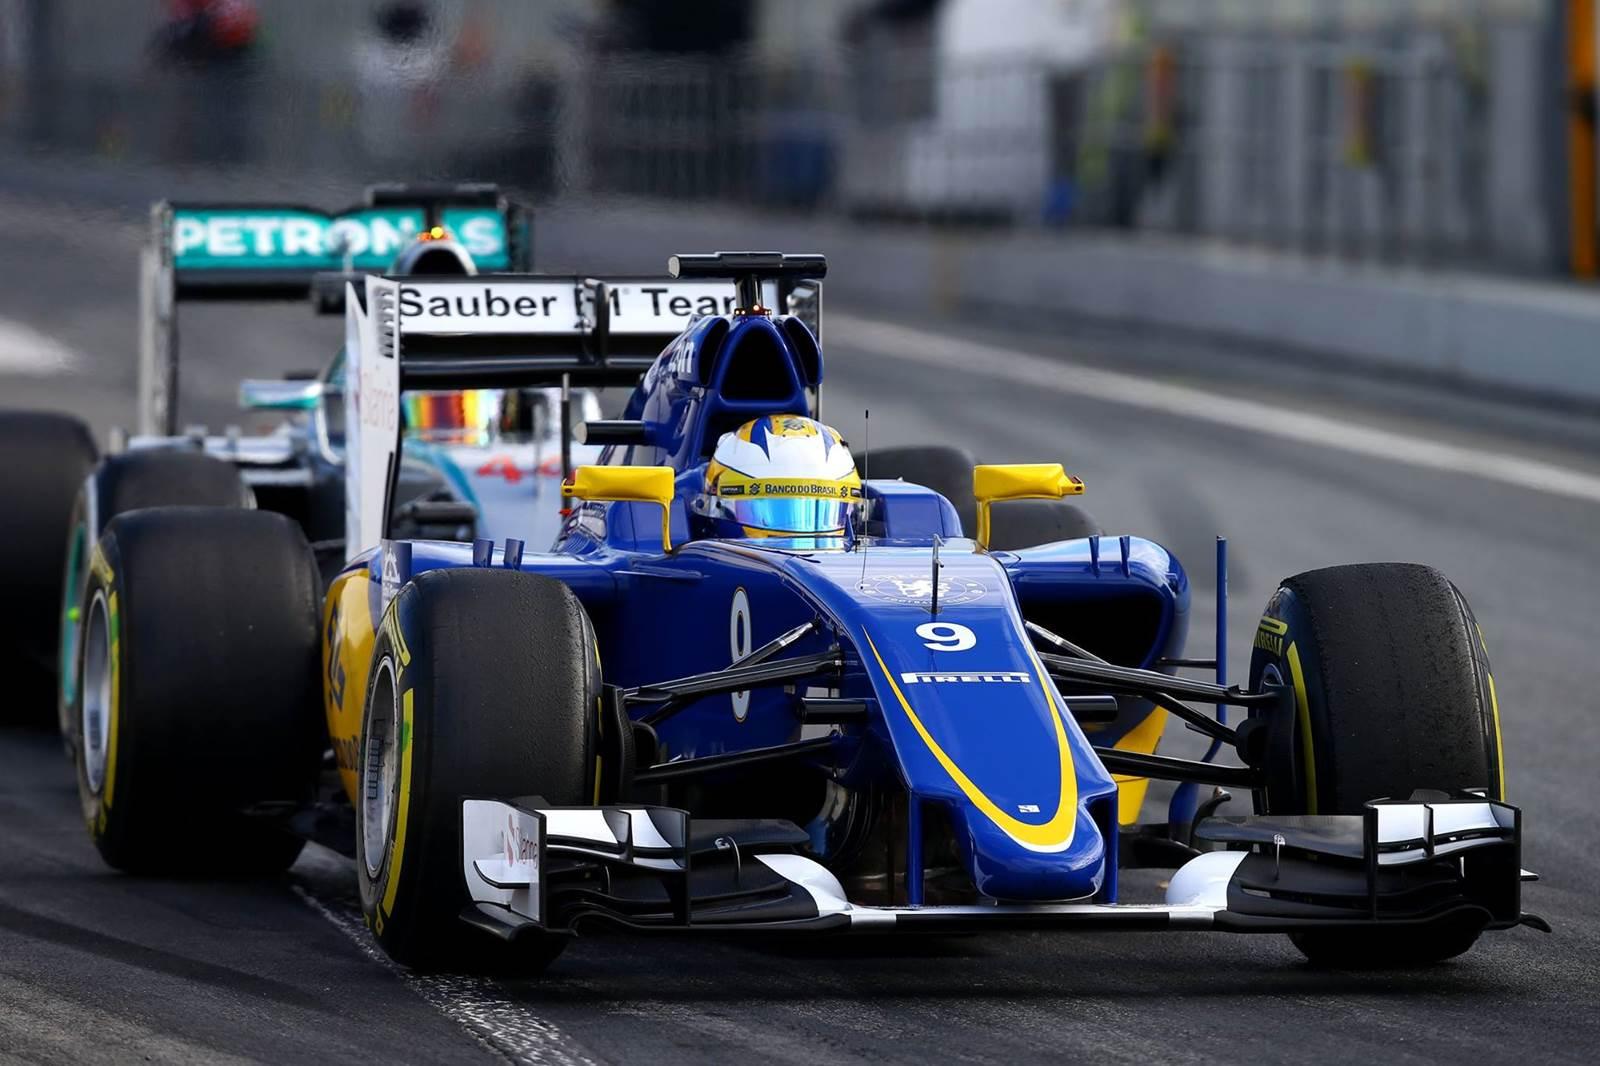 Sauber Ferrari - Felipe Nasr